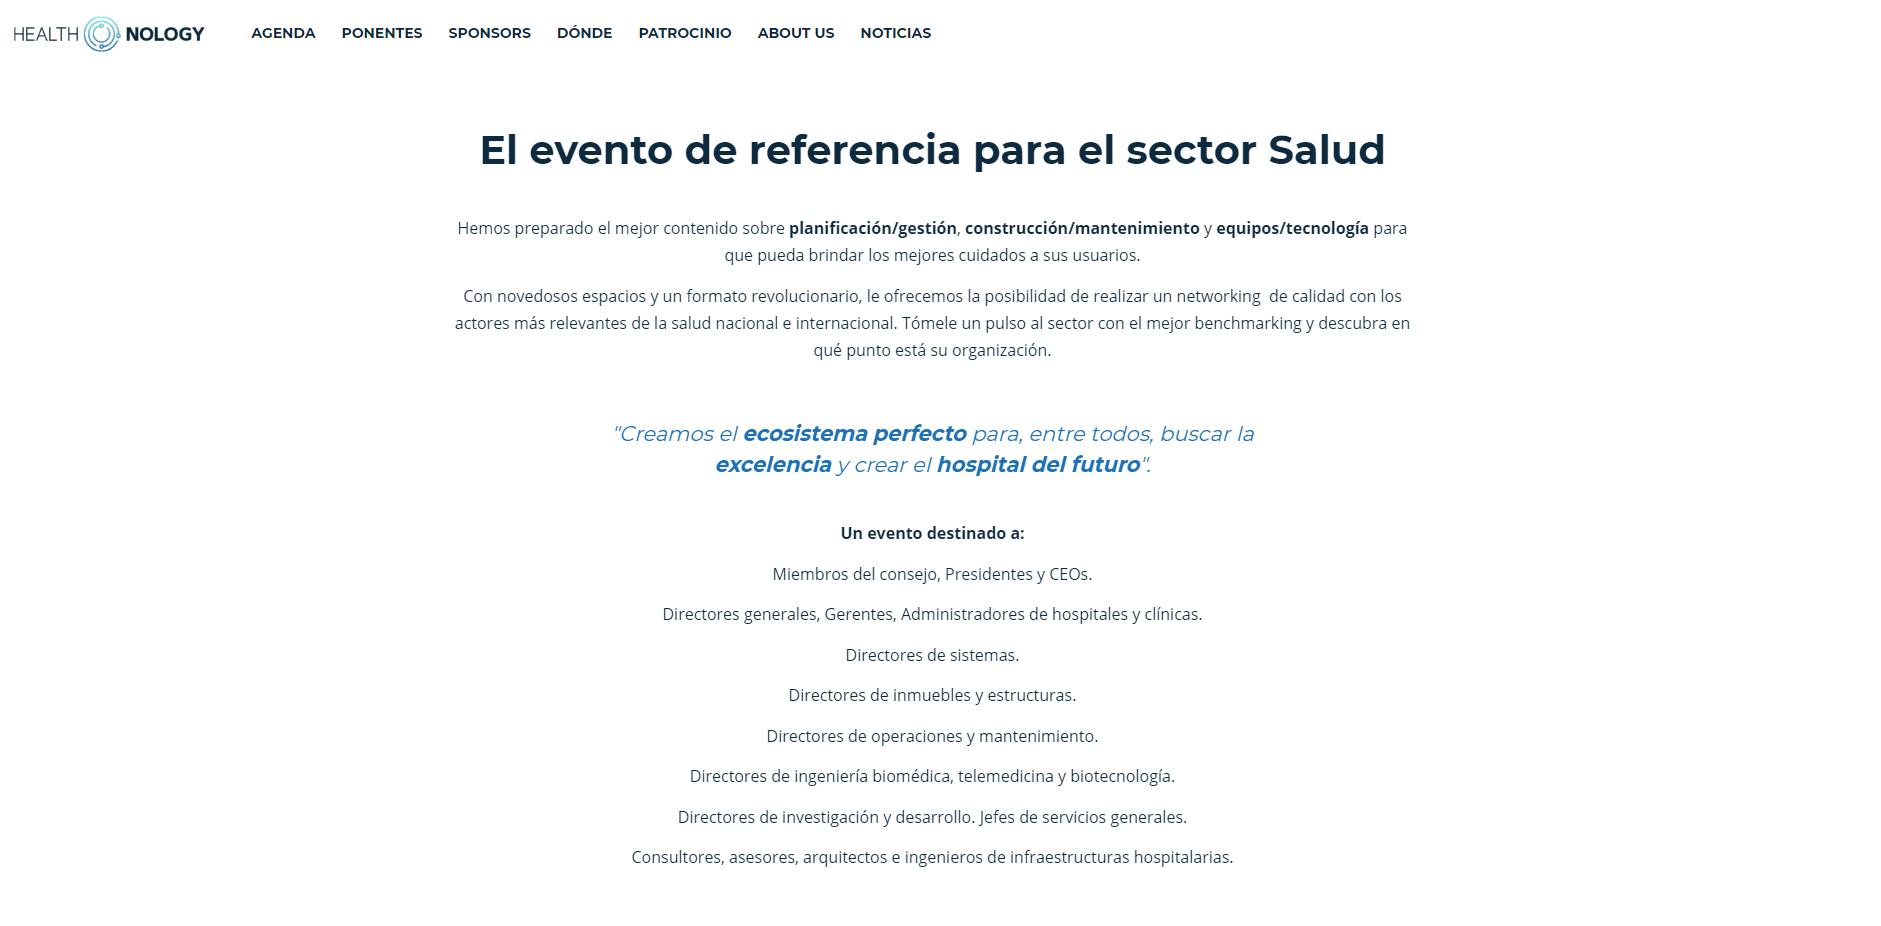 Evento Médico Healthnology 2019